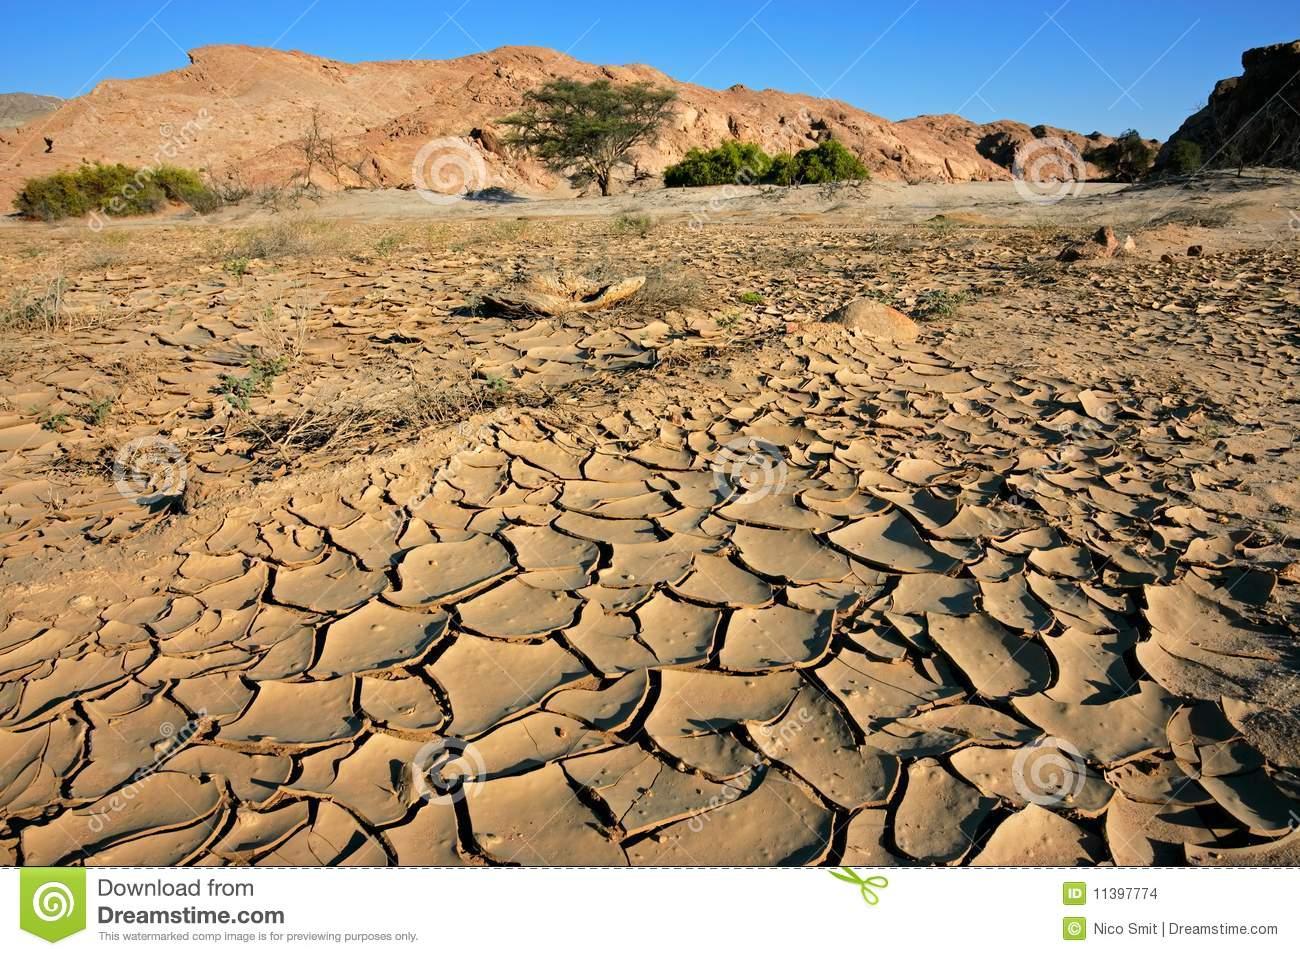 Namib Desert clipart #19, Download drawings